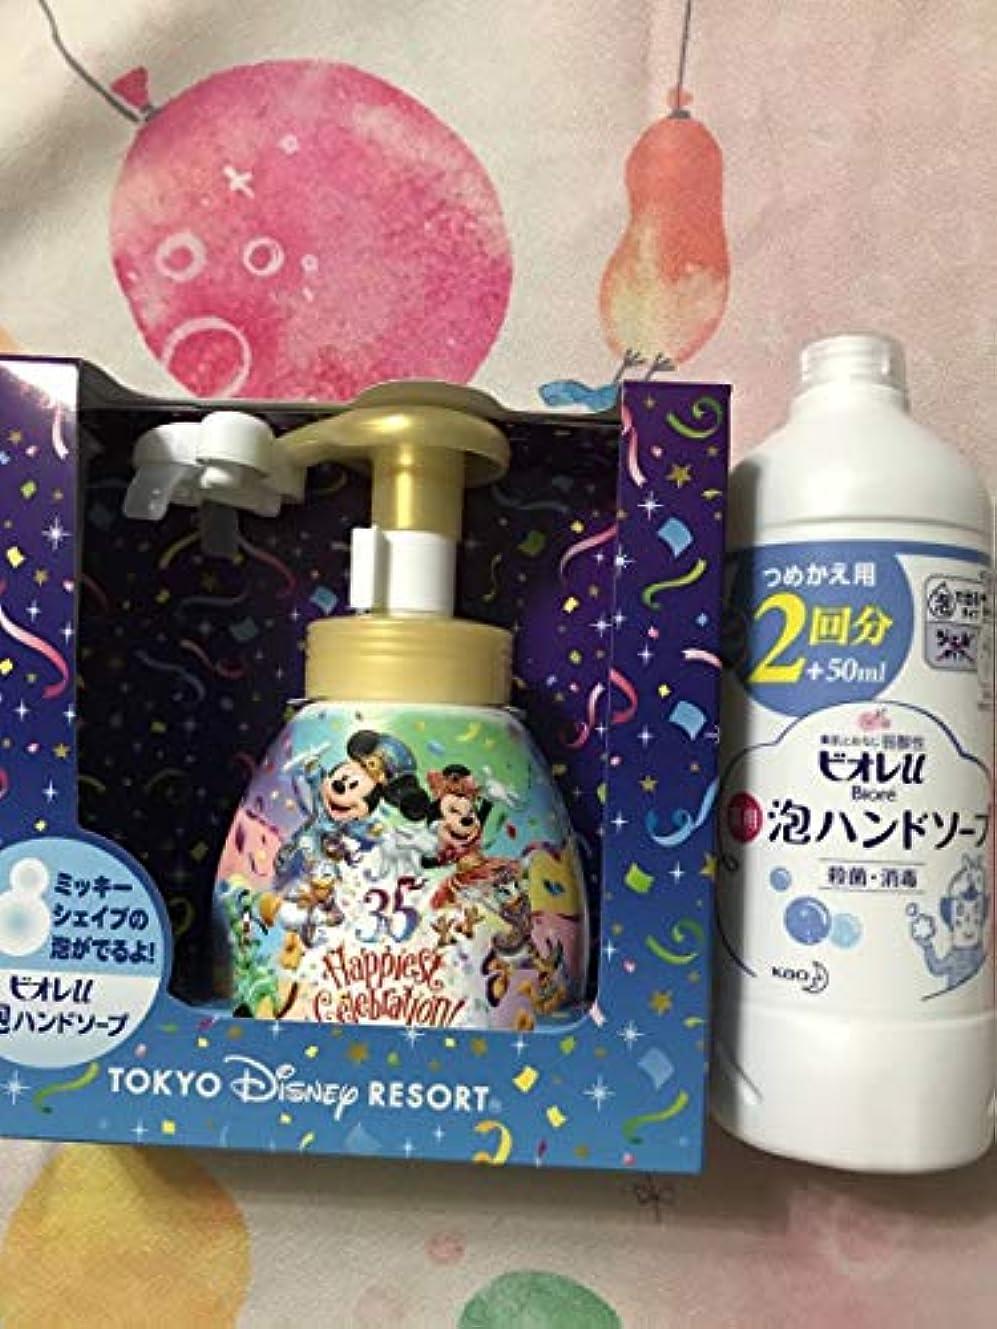 軽バルブ正義ミッキー シェイプ ハンドソープ 東京 ディズニー リゾート 35周年 記念 石鹸 ビオレU 詰め替え 付き